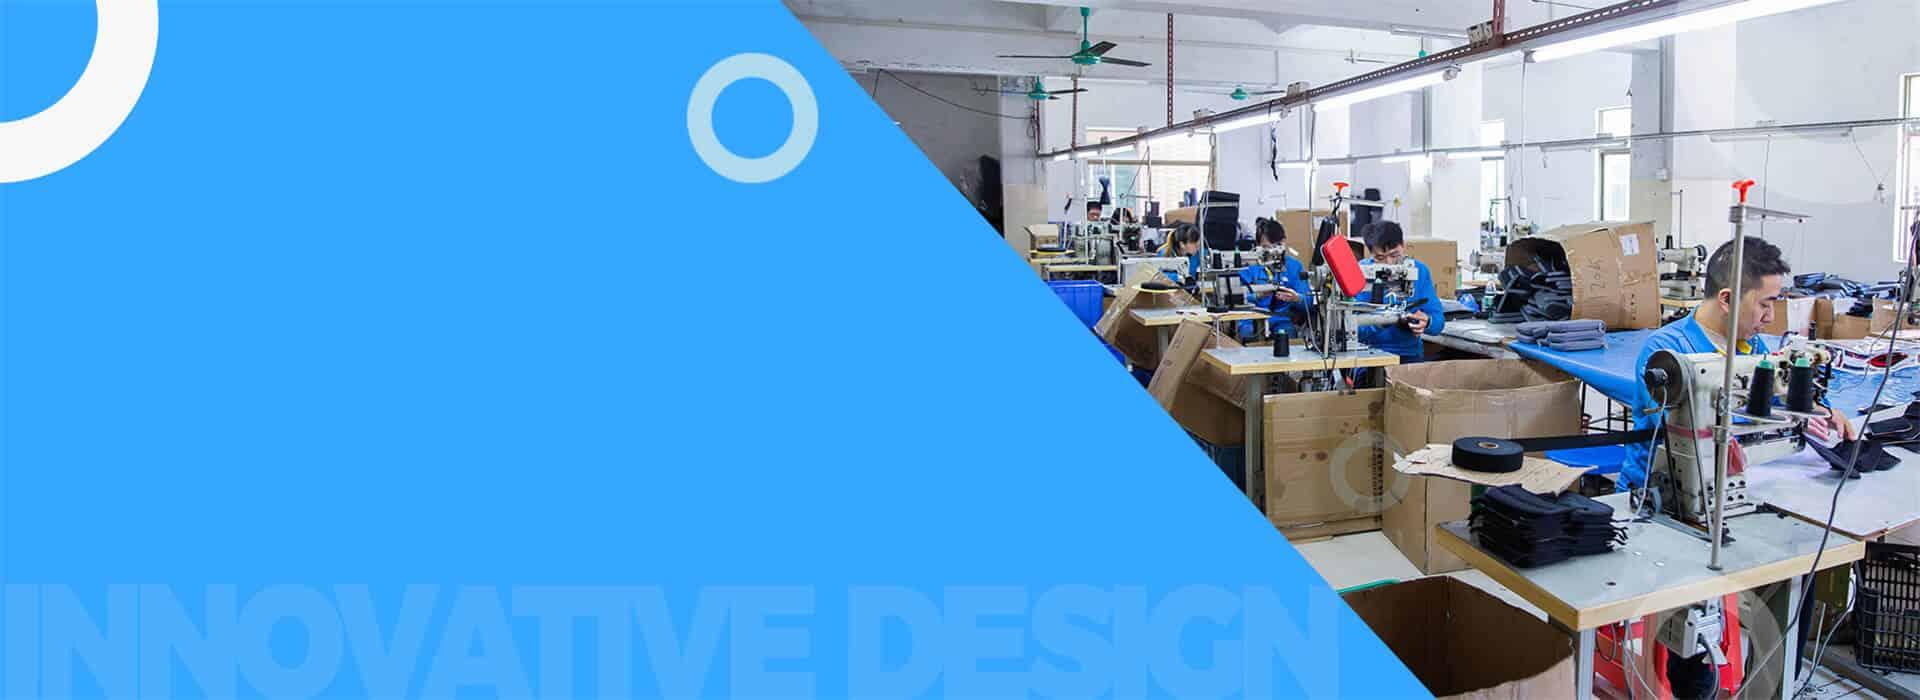 bonito packaging banner 3